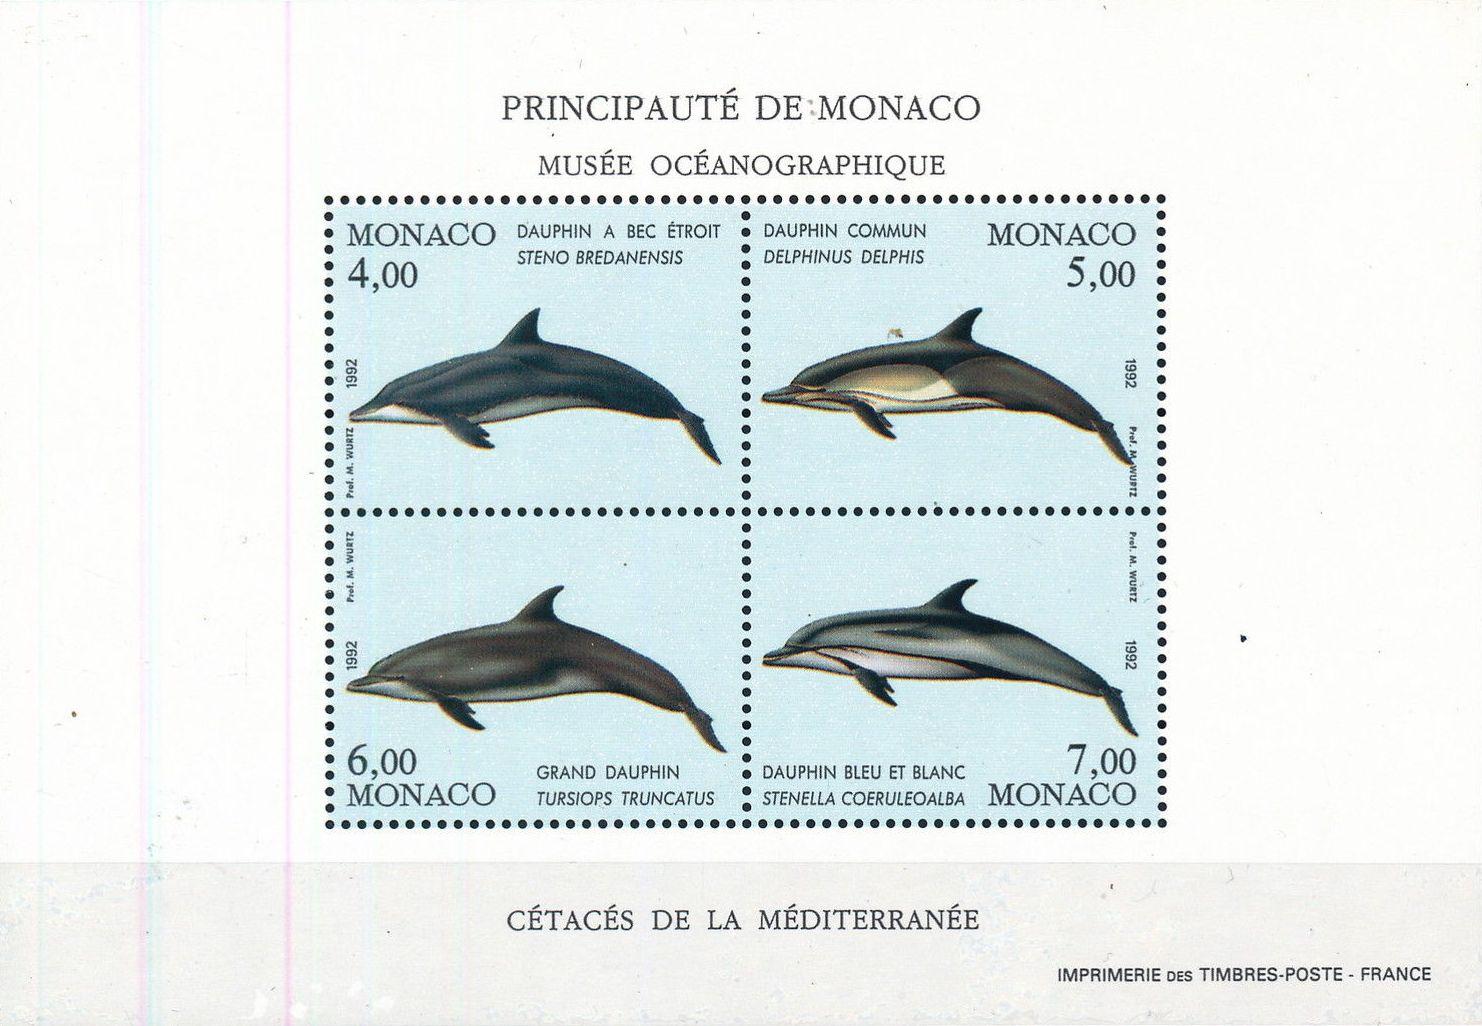 Monaco 1992 Musée Océanographique - Cétacés de la Méditerranée (1st Group) h.jpg